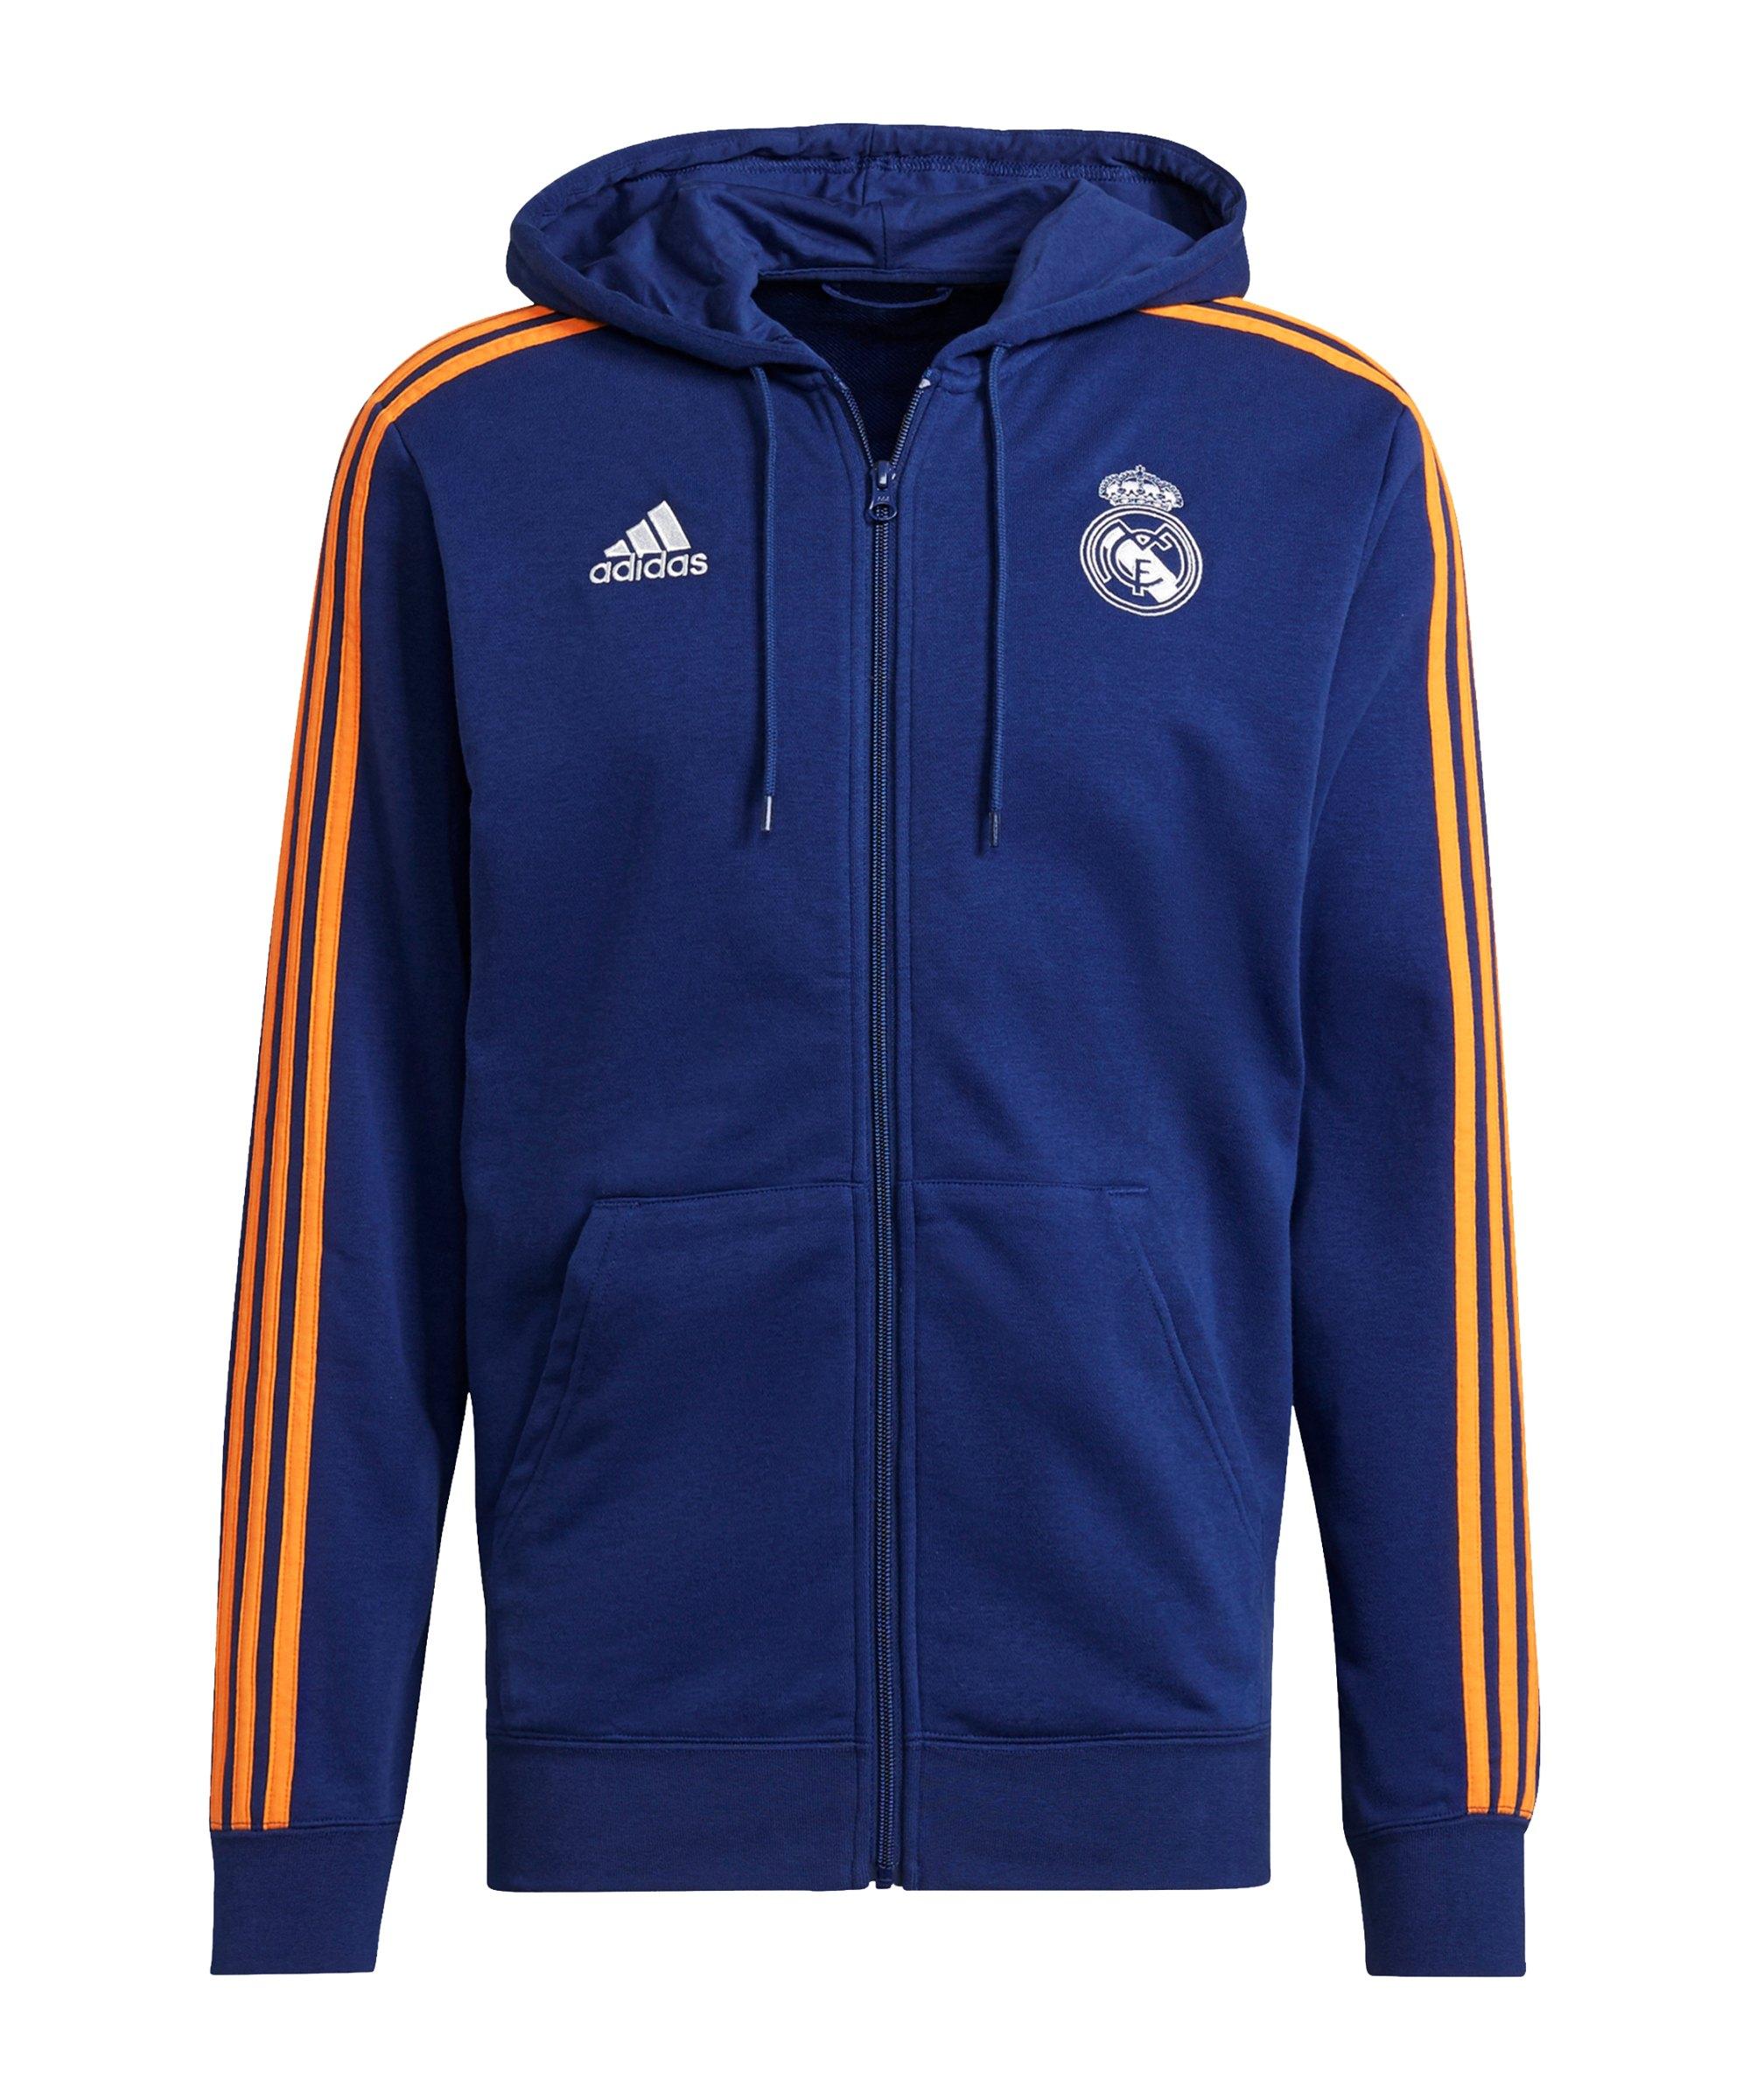 adidas Real Madrid 3S Kapuzenjacke Blau - blau